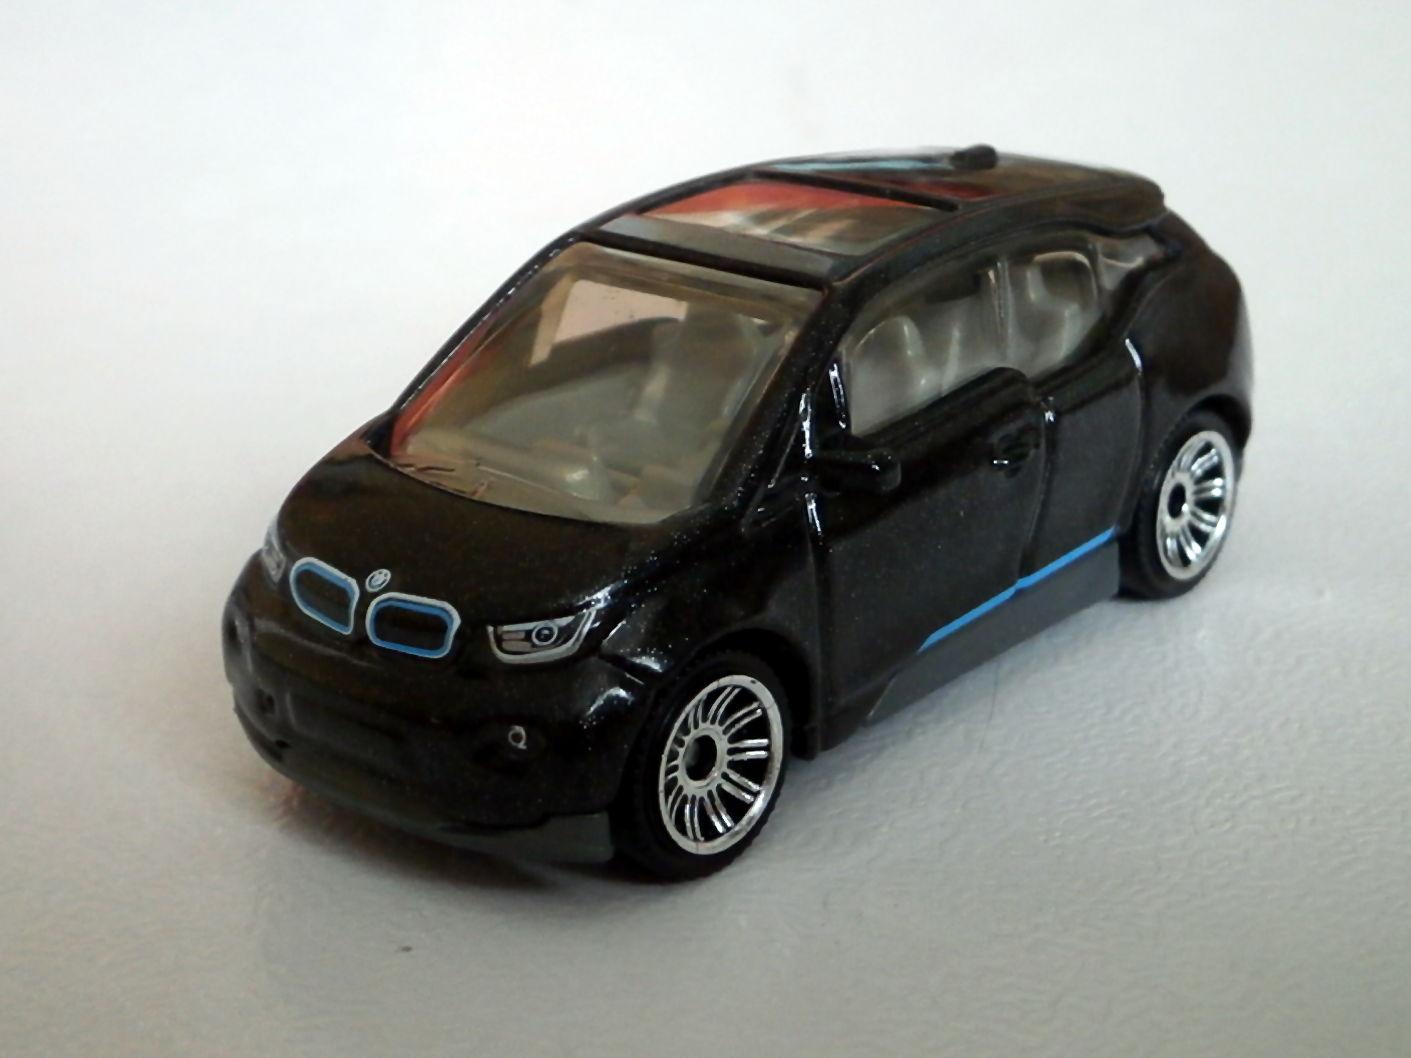 Sport Series 2015 bmw i3 15 BMW i3 | Matchbox Cars Wiki | FANDOM powered by Wikia